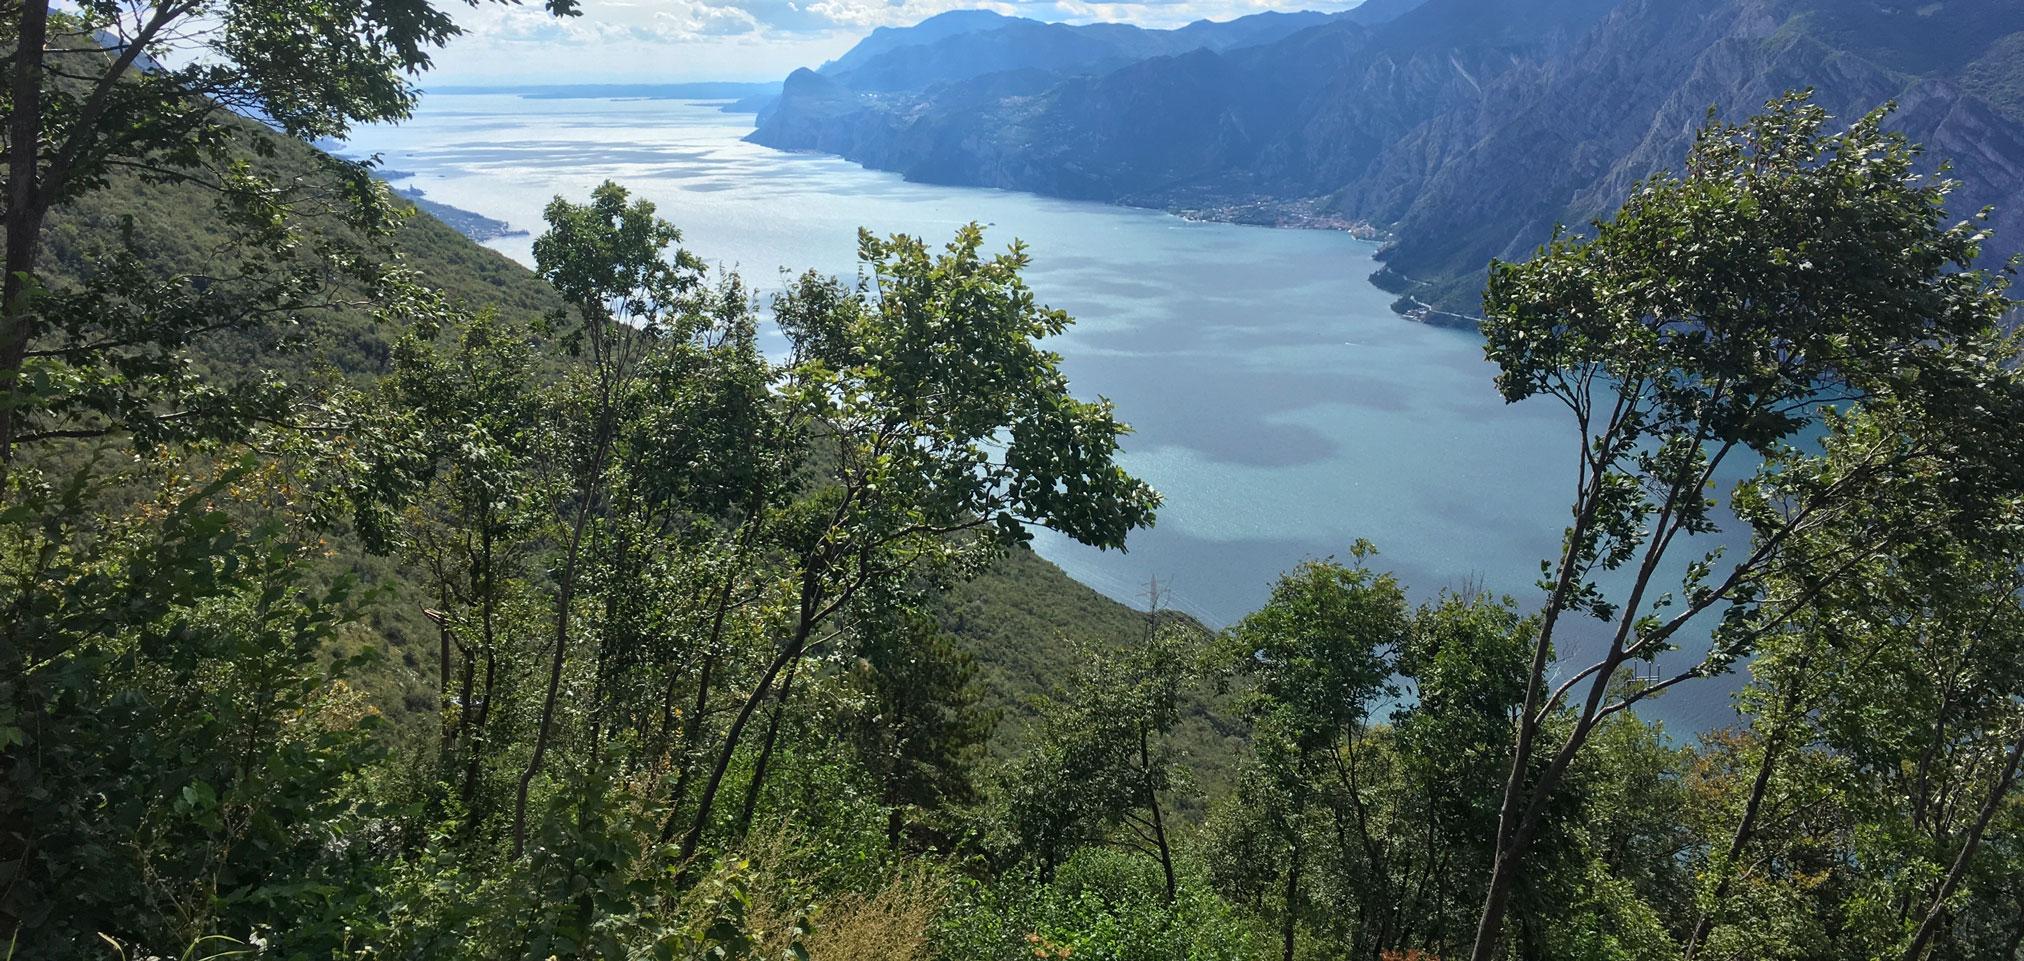 Nel Parco naturale locale del Monte Baldo, 19 maggio